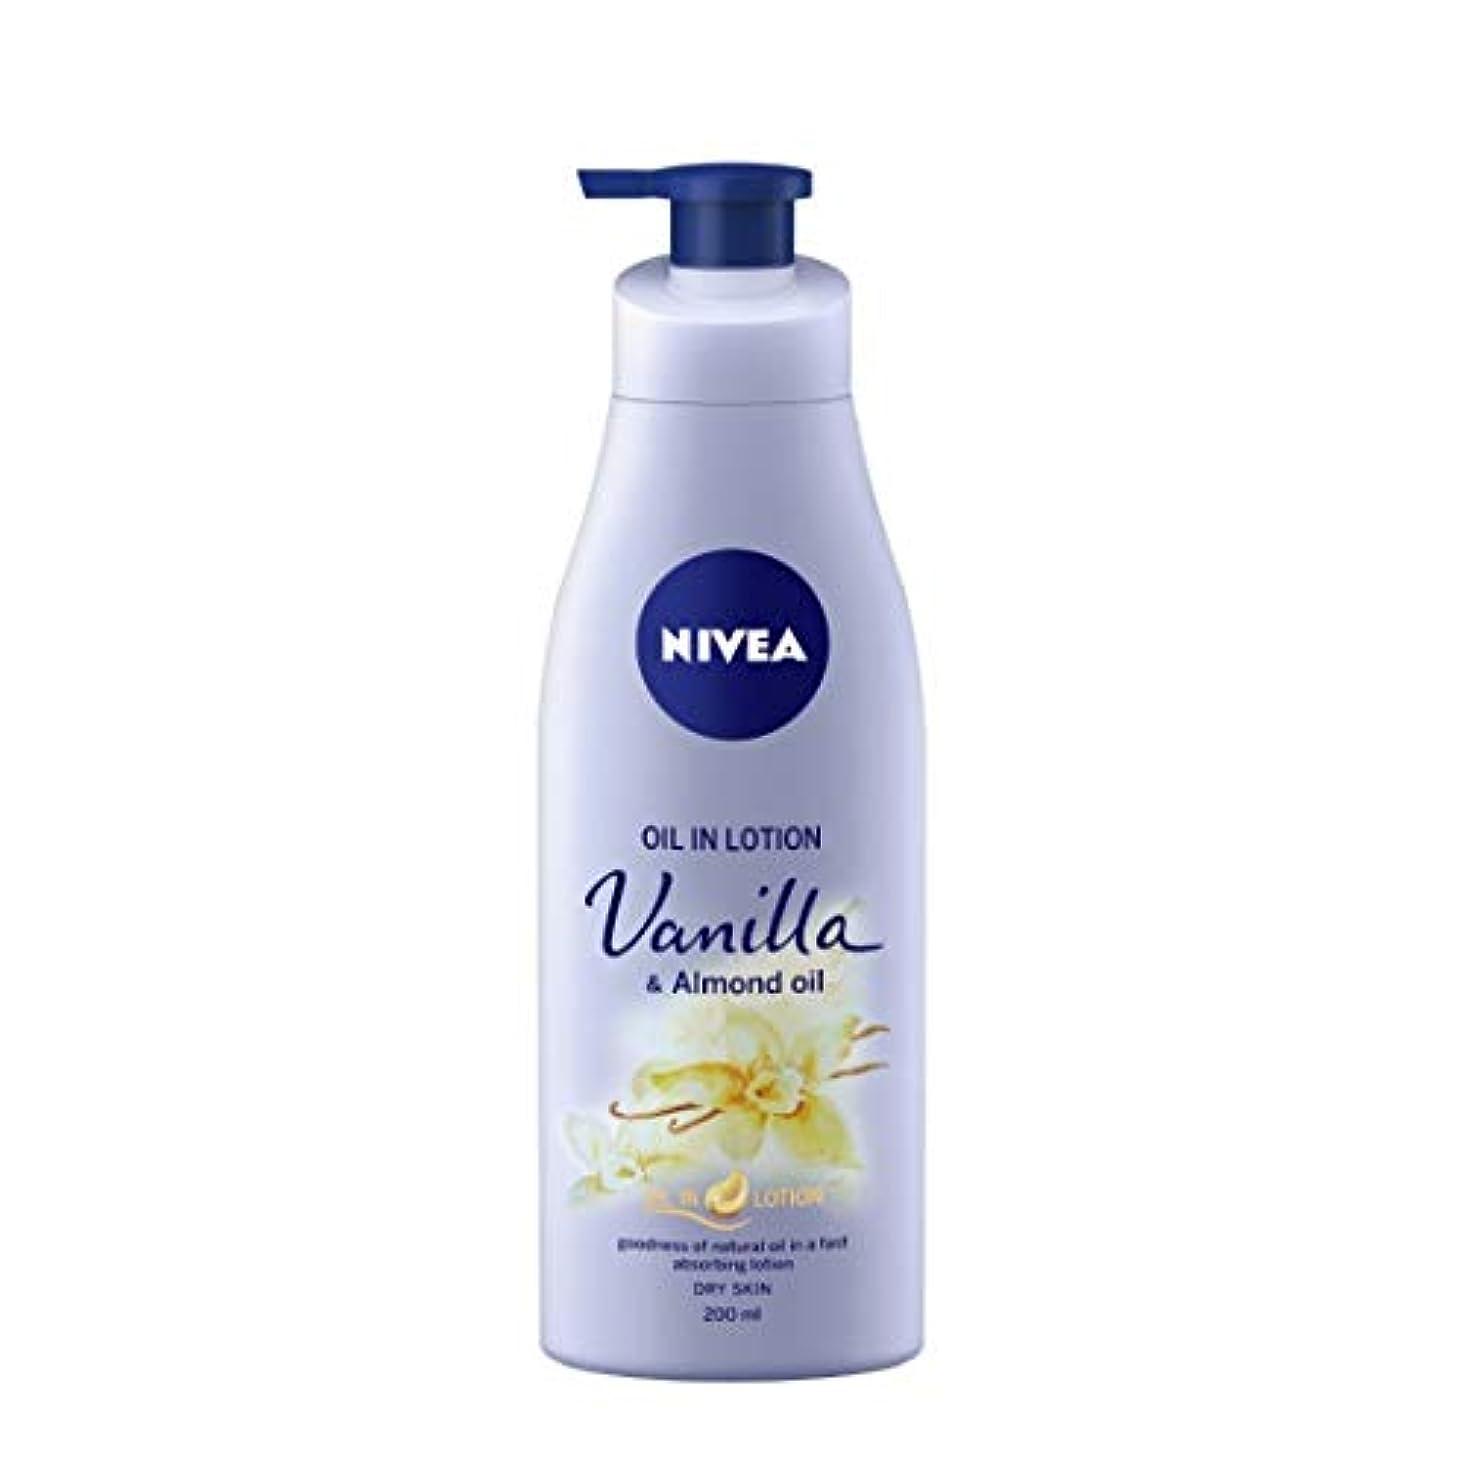 ピラミッド工場治世NIVEA Oil in Lotion, Vanilla and Almond Oil, 200ml